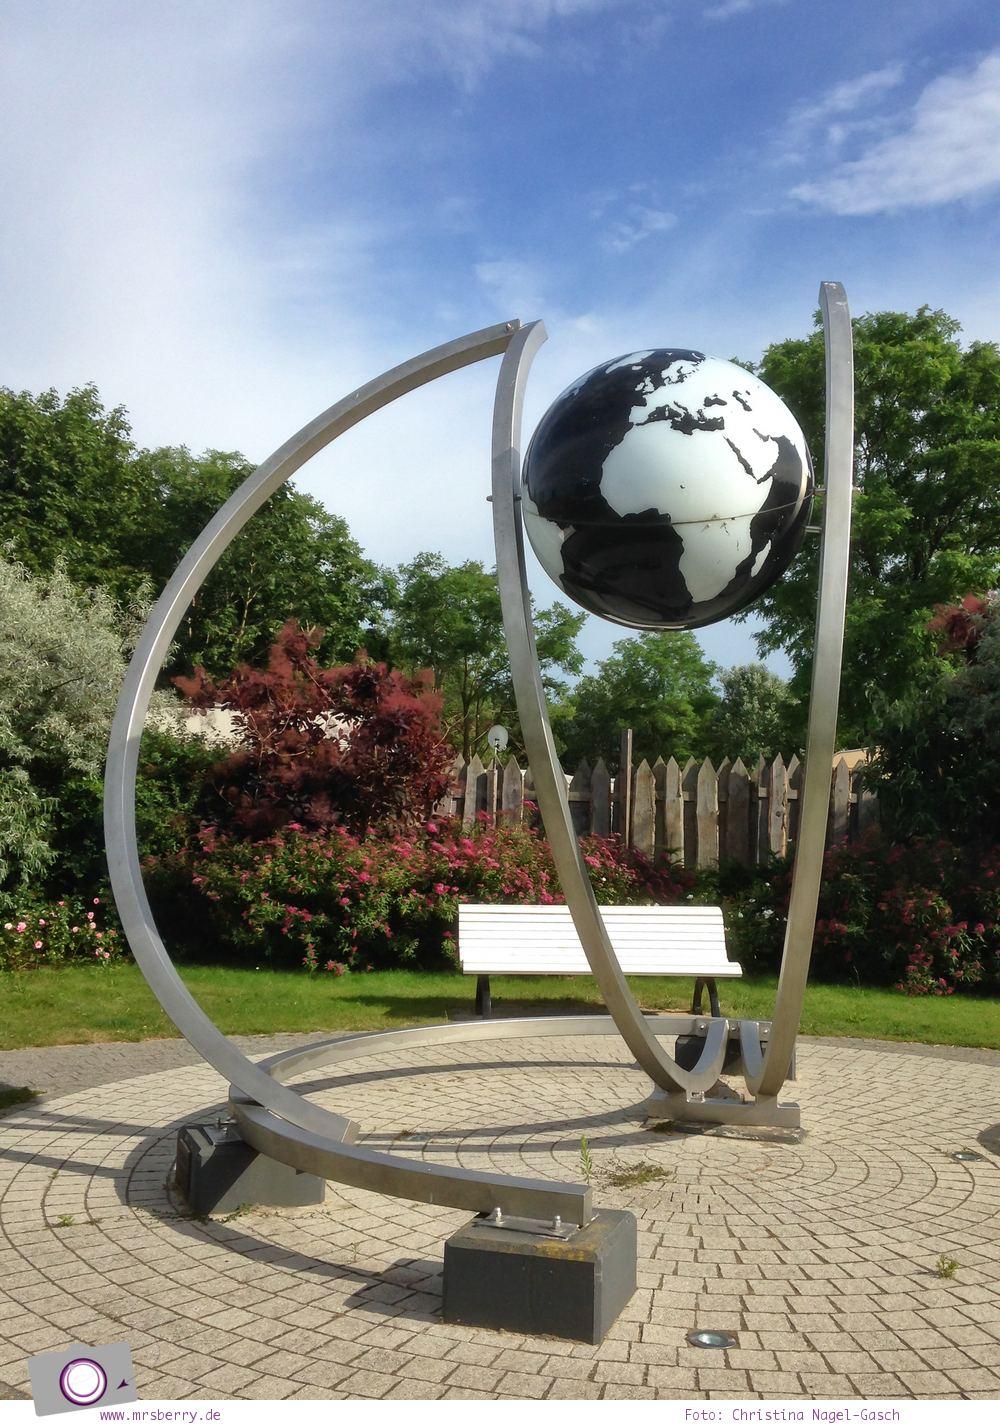 Familienurlaub auf Usedom: Sternwarte Manfred von Ardenne in Heringsdorf